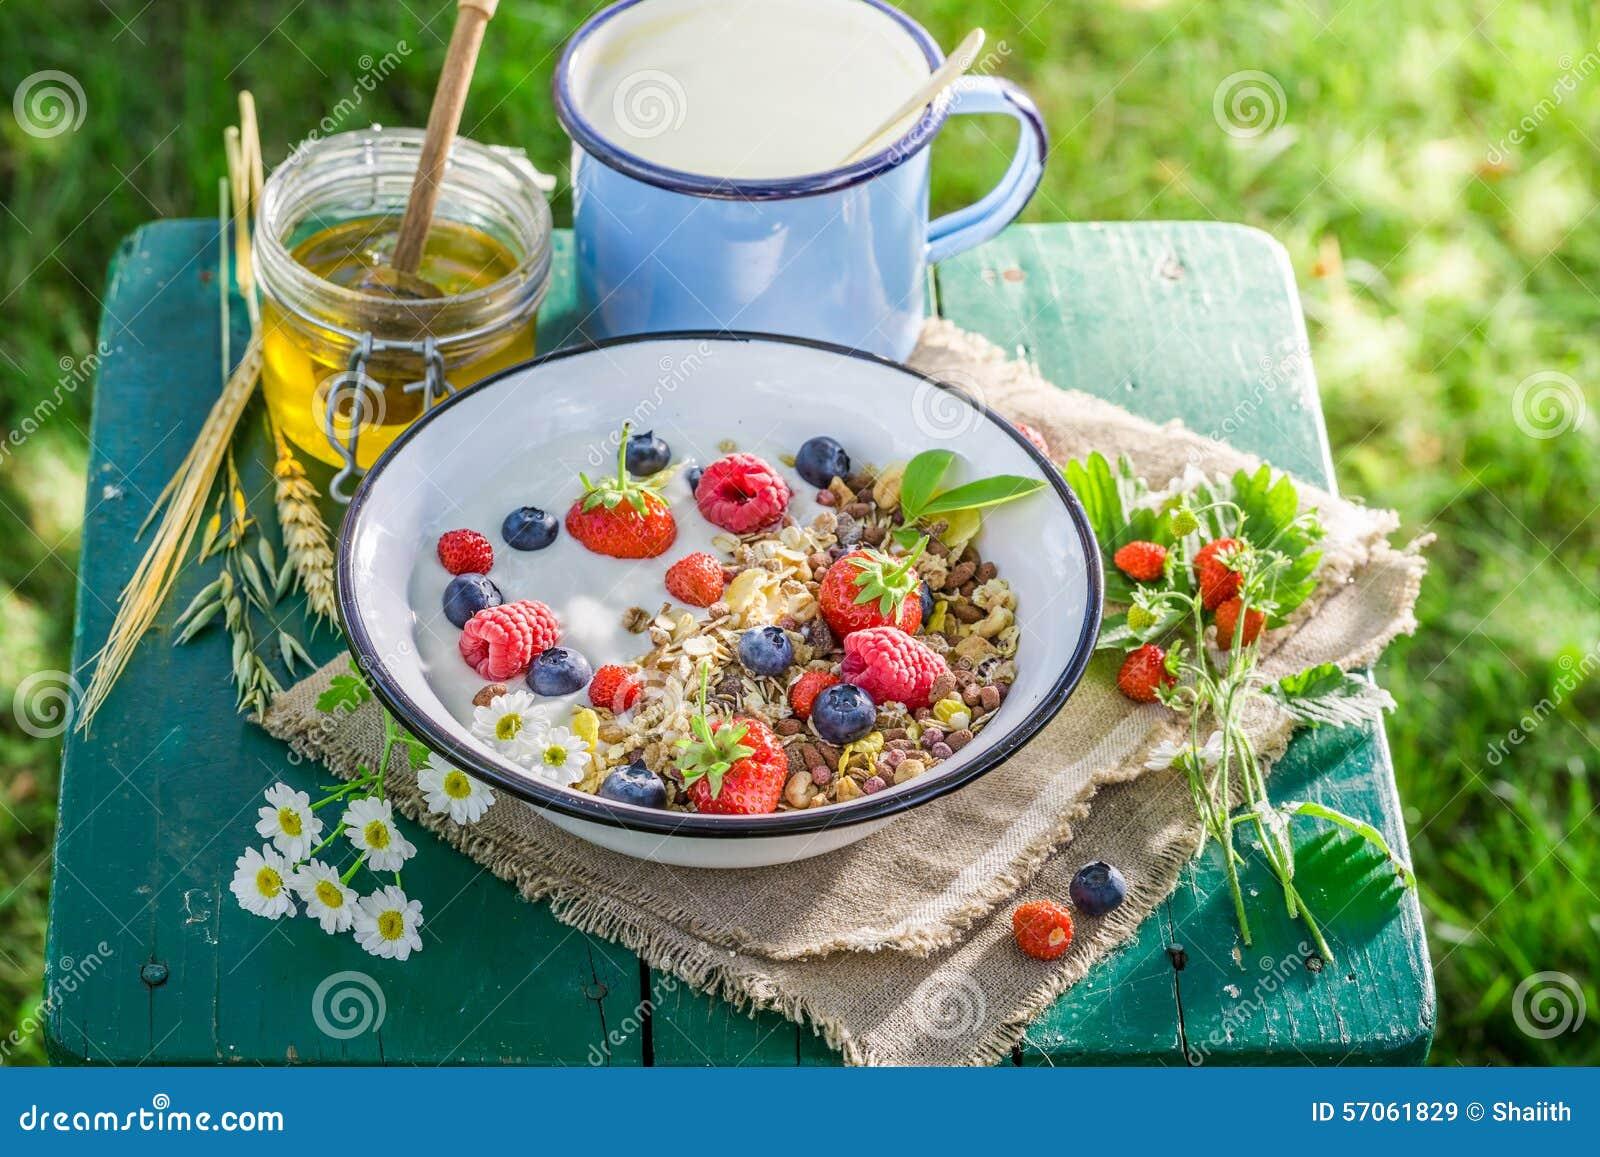 Smakelijk ontbijt met yoghurt en bessen